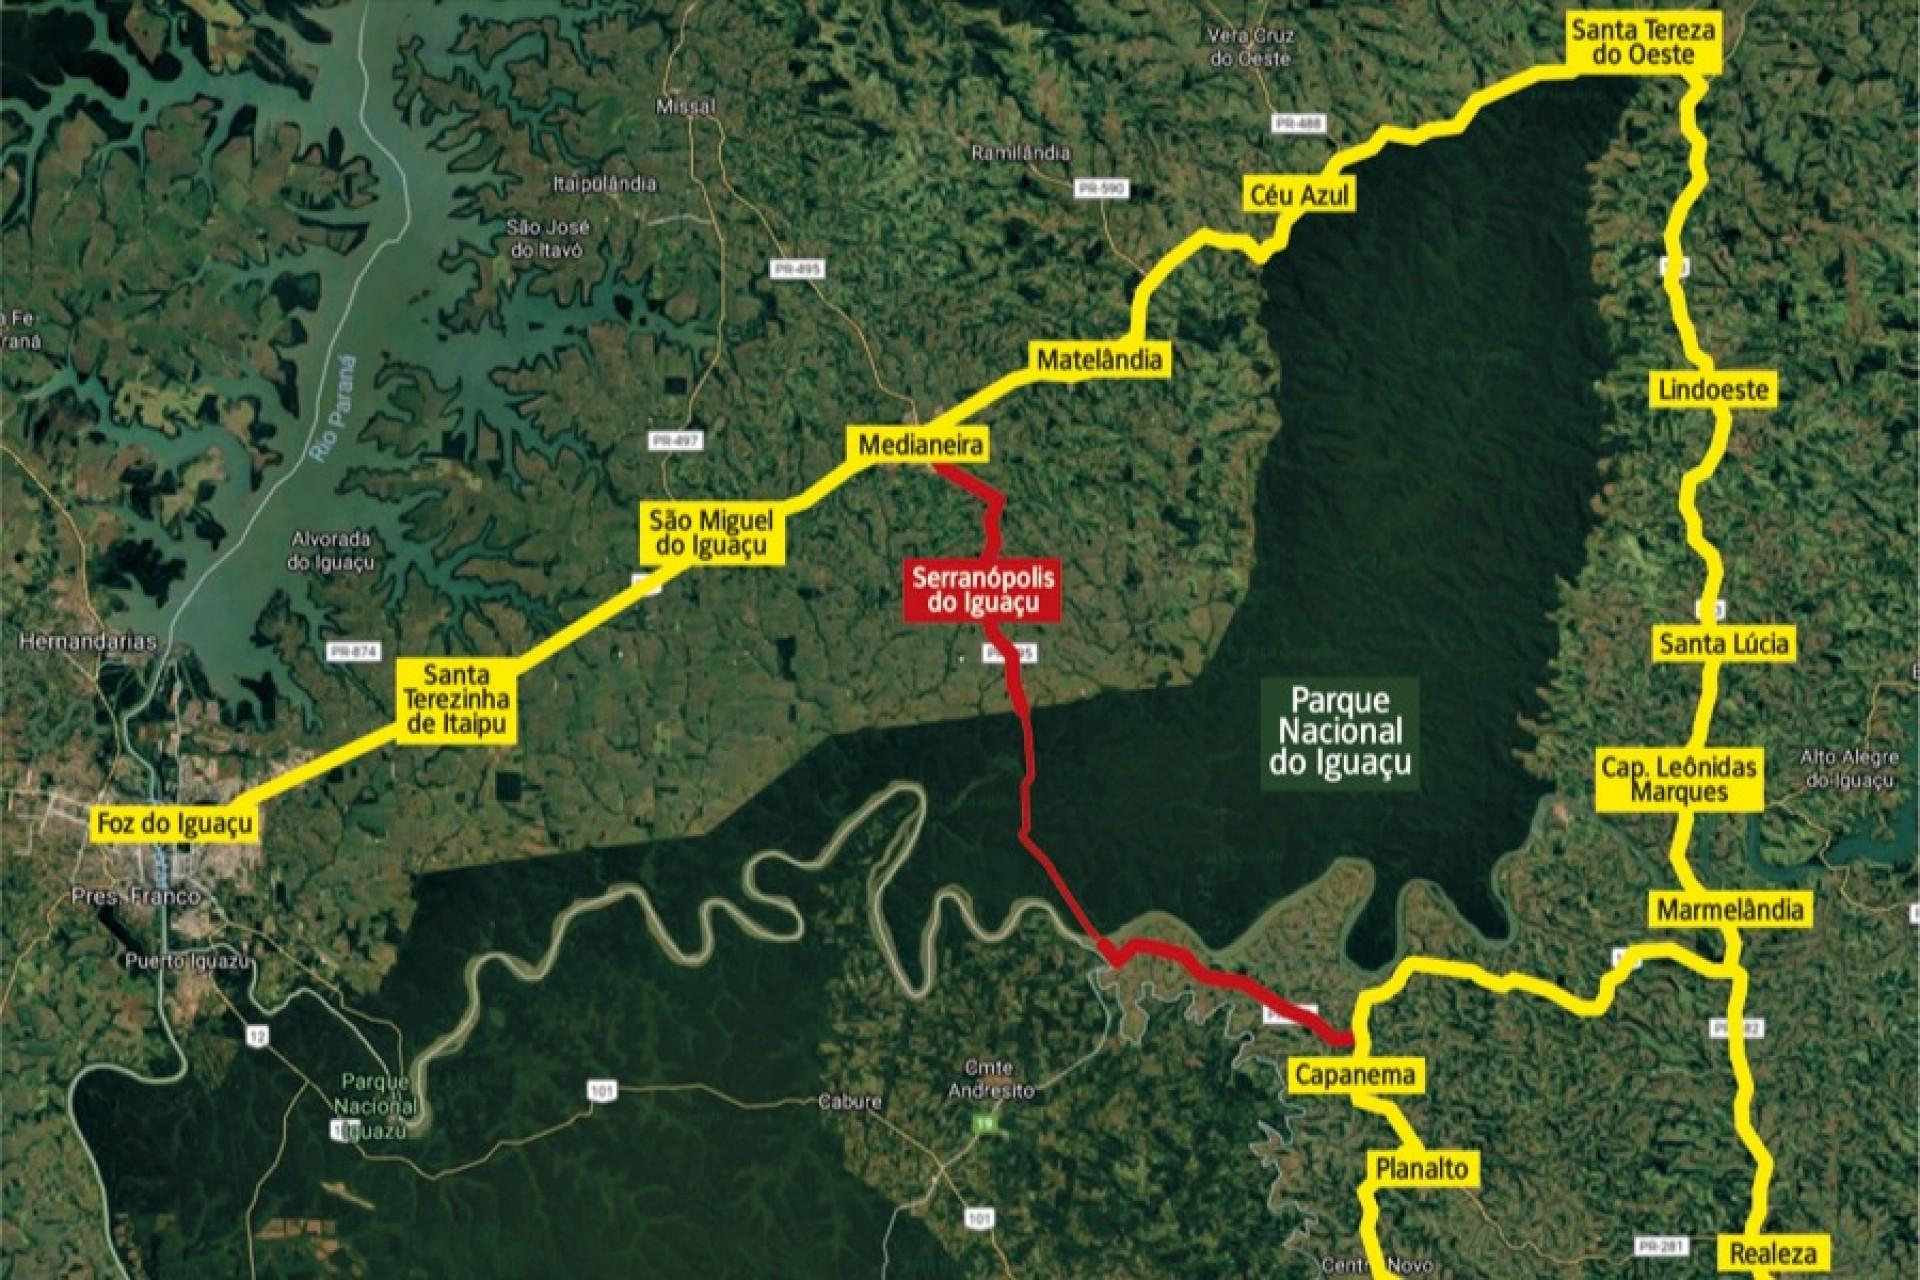 Câmara aprova urgência para criação de estrada no Parque Nacional do Iguaçu